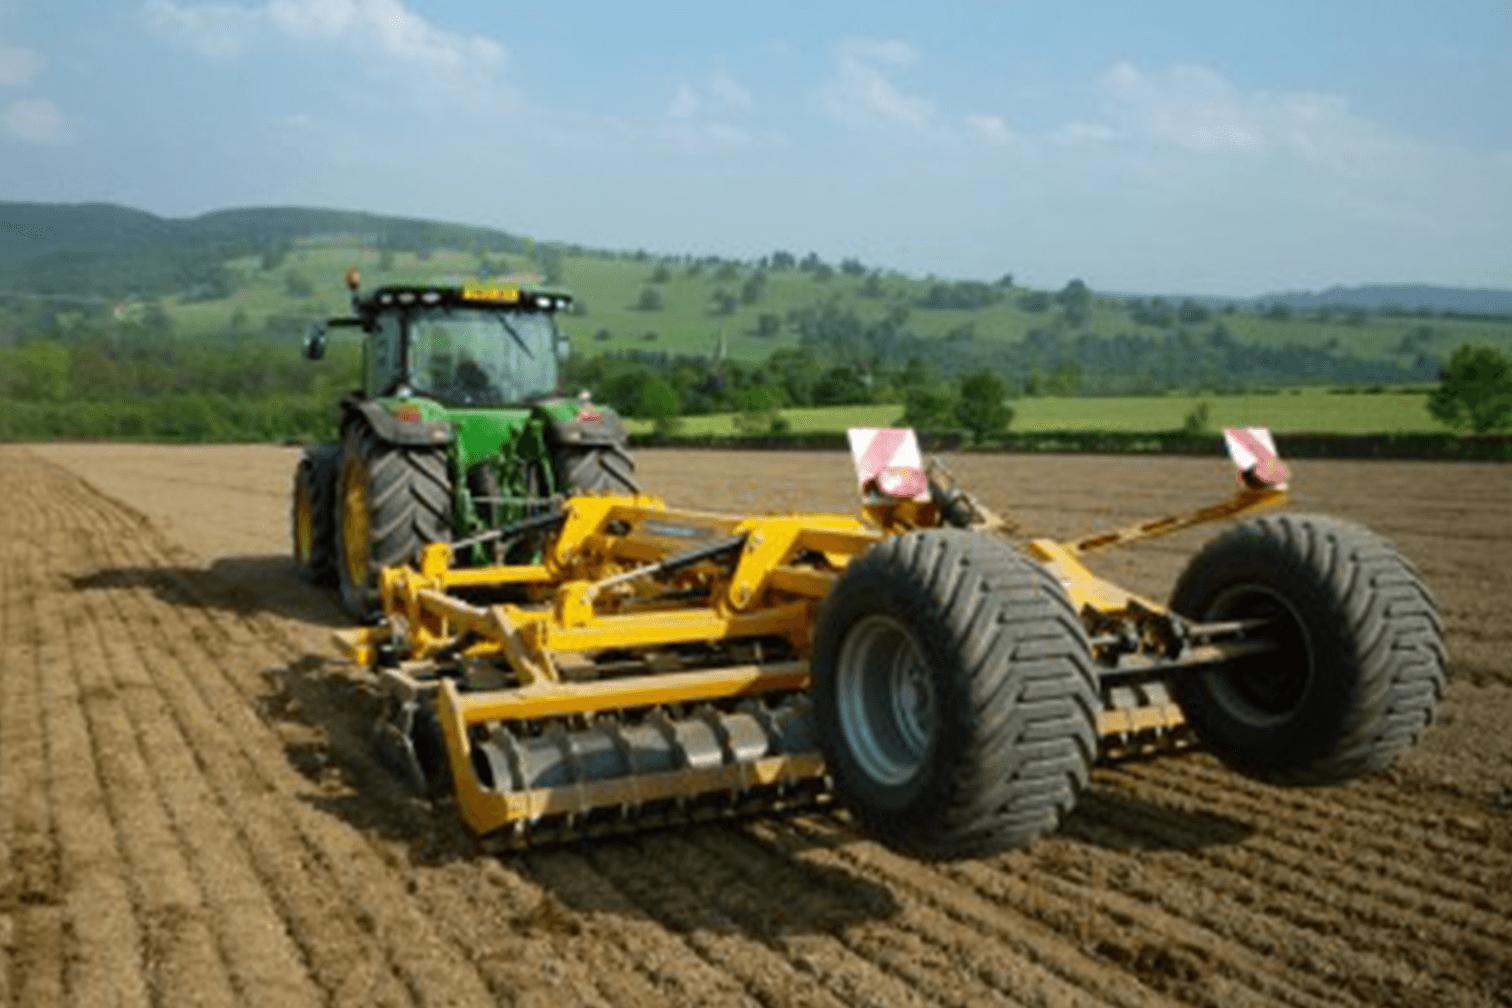 Zaaibedbereiding _ DISCAERATOR 4000 combi-cultivator